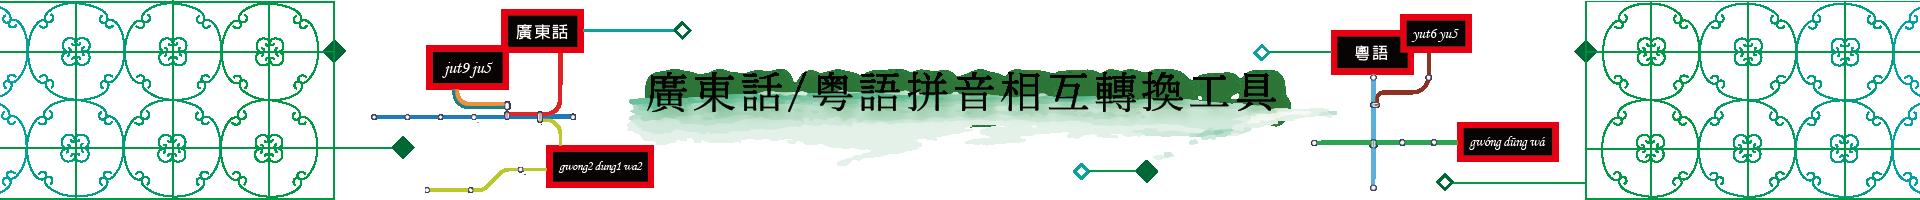 廣東話/粵語拼音(音標) 相互轉換工具